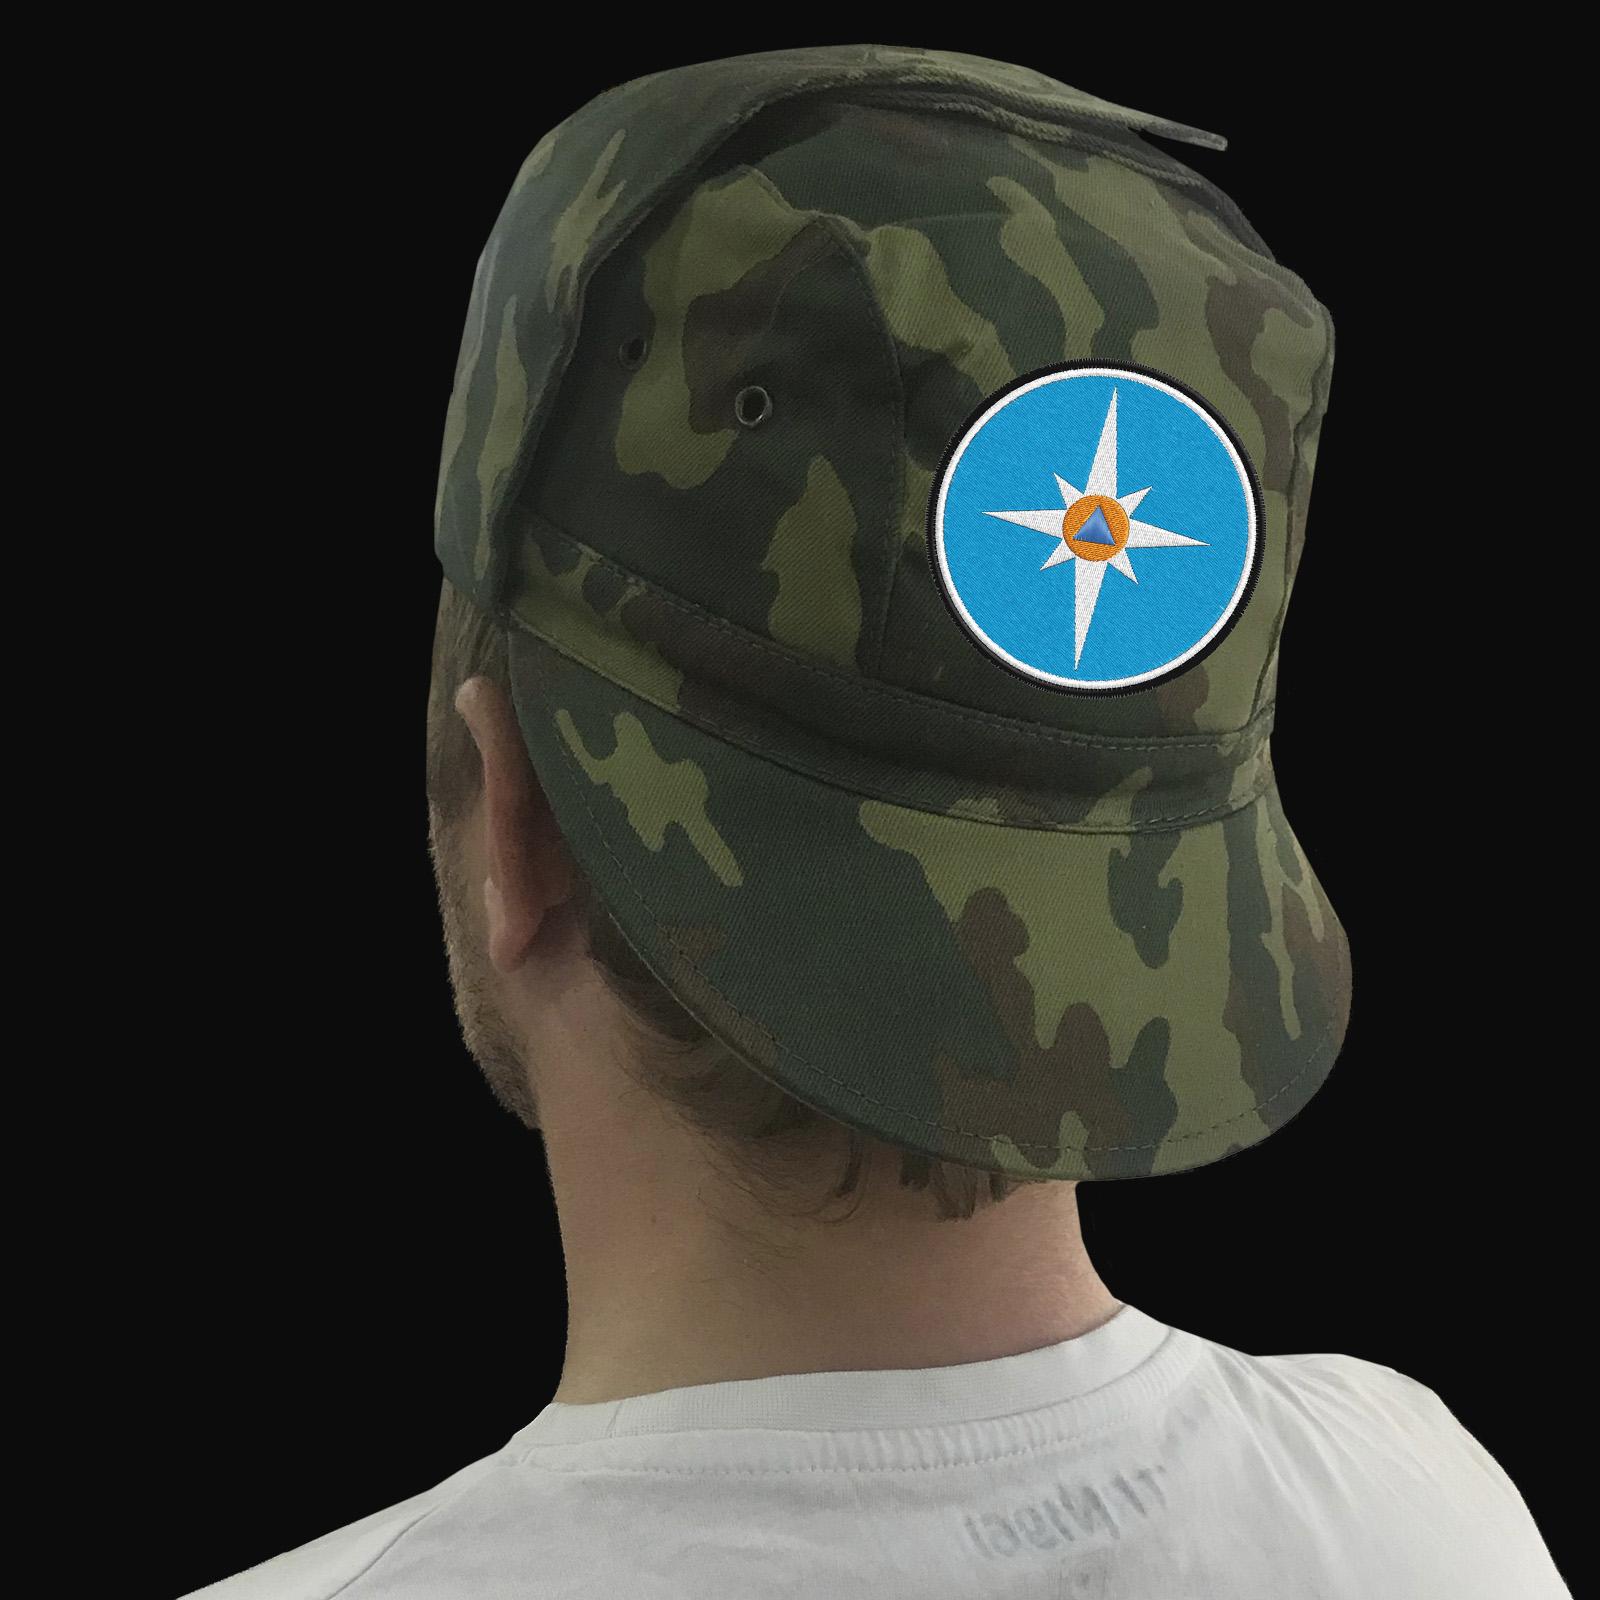 Купить в интернет магазине кепку с символикой МЧС